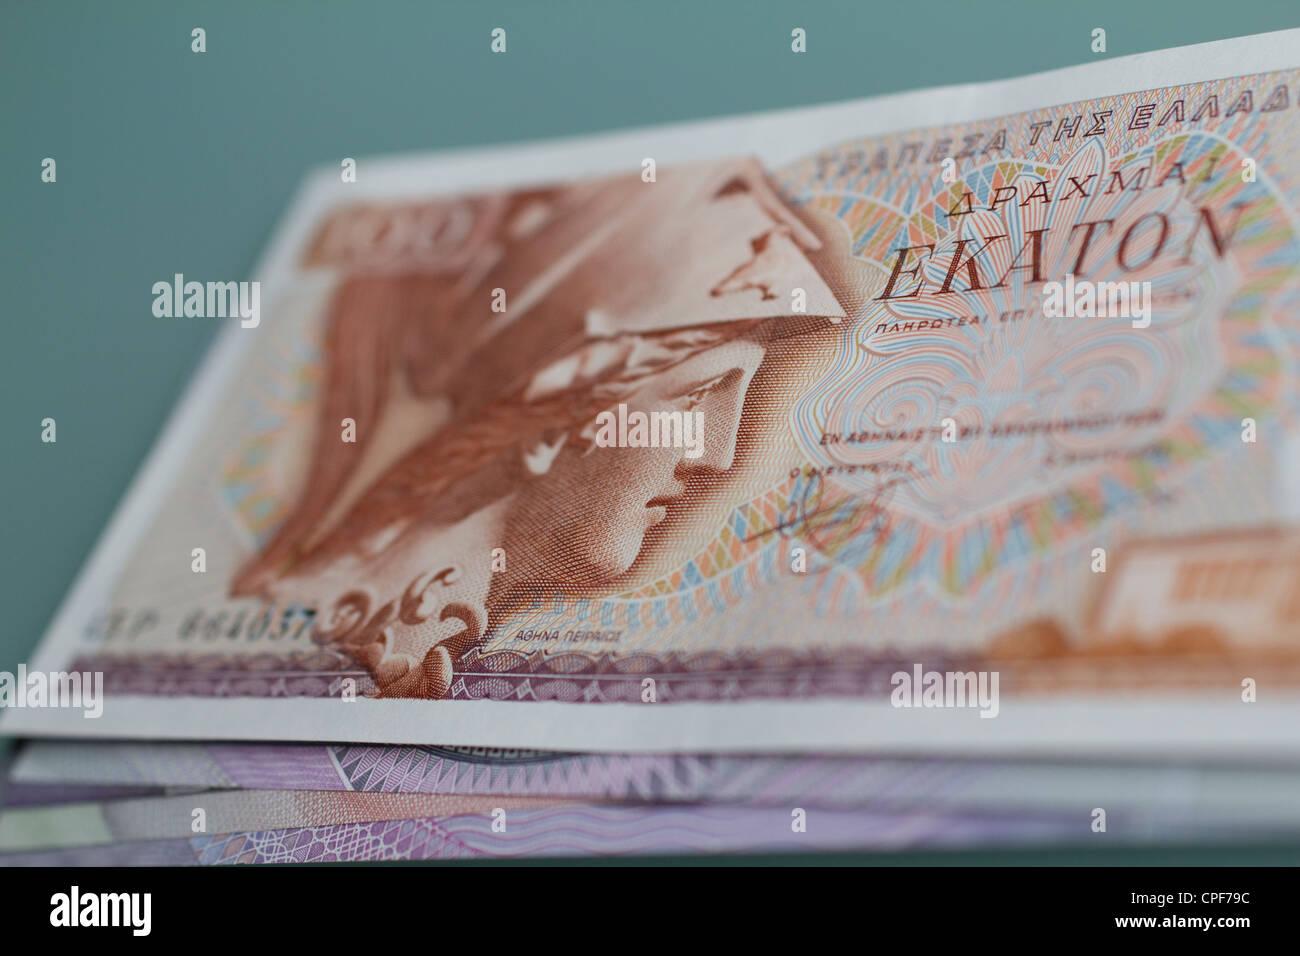 Billets de banque de l'argent monnaie drachme argent monnaie de la Grèce avant d'euros Banque D'Images